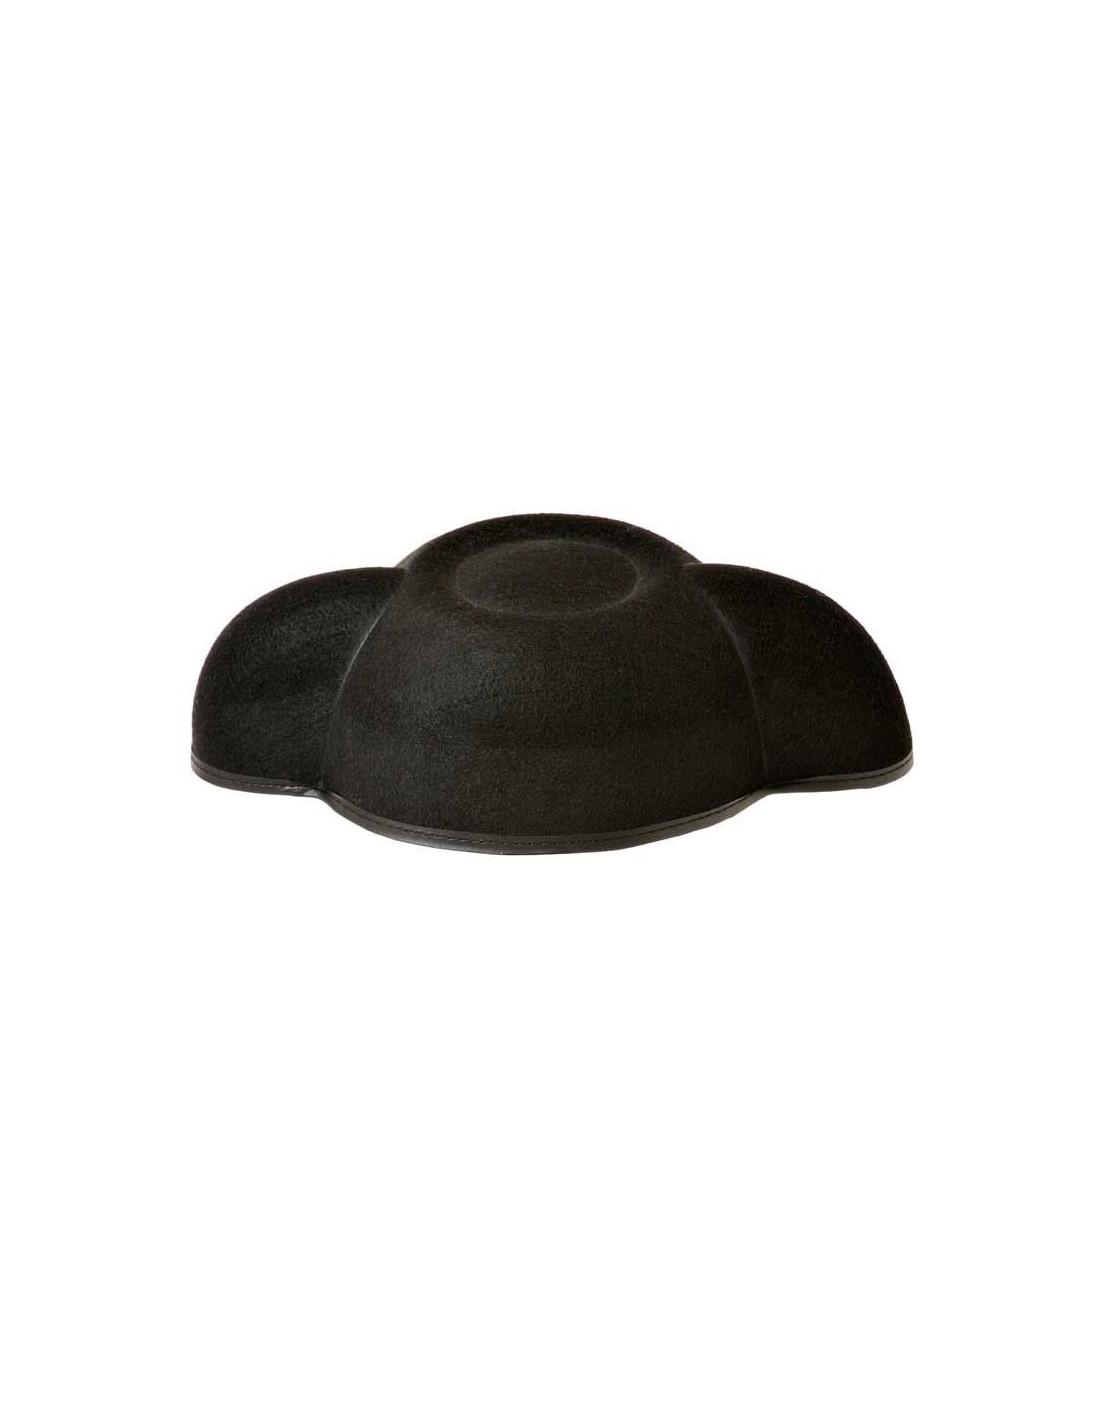 Montera torero de fieltro - Comprar en Tienda Disfraces Bacanal b9657de7e41